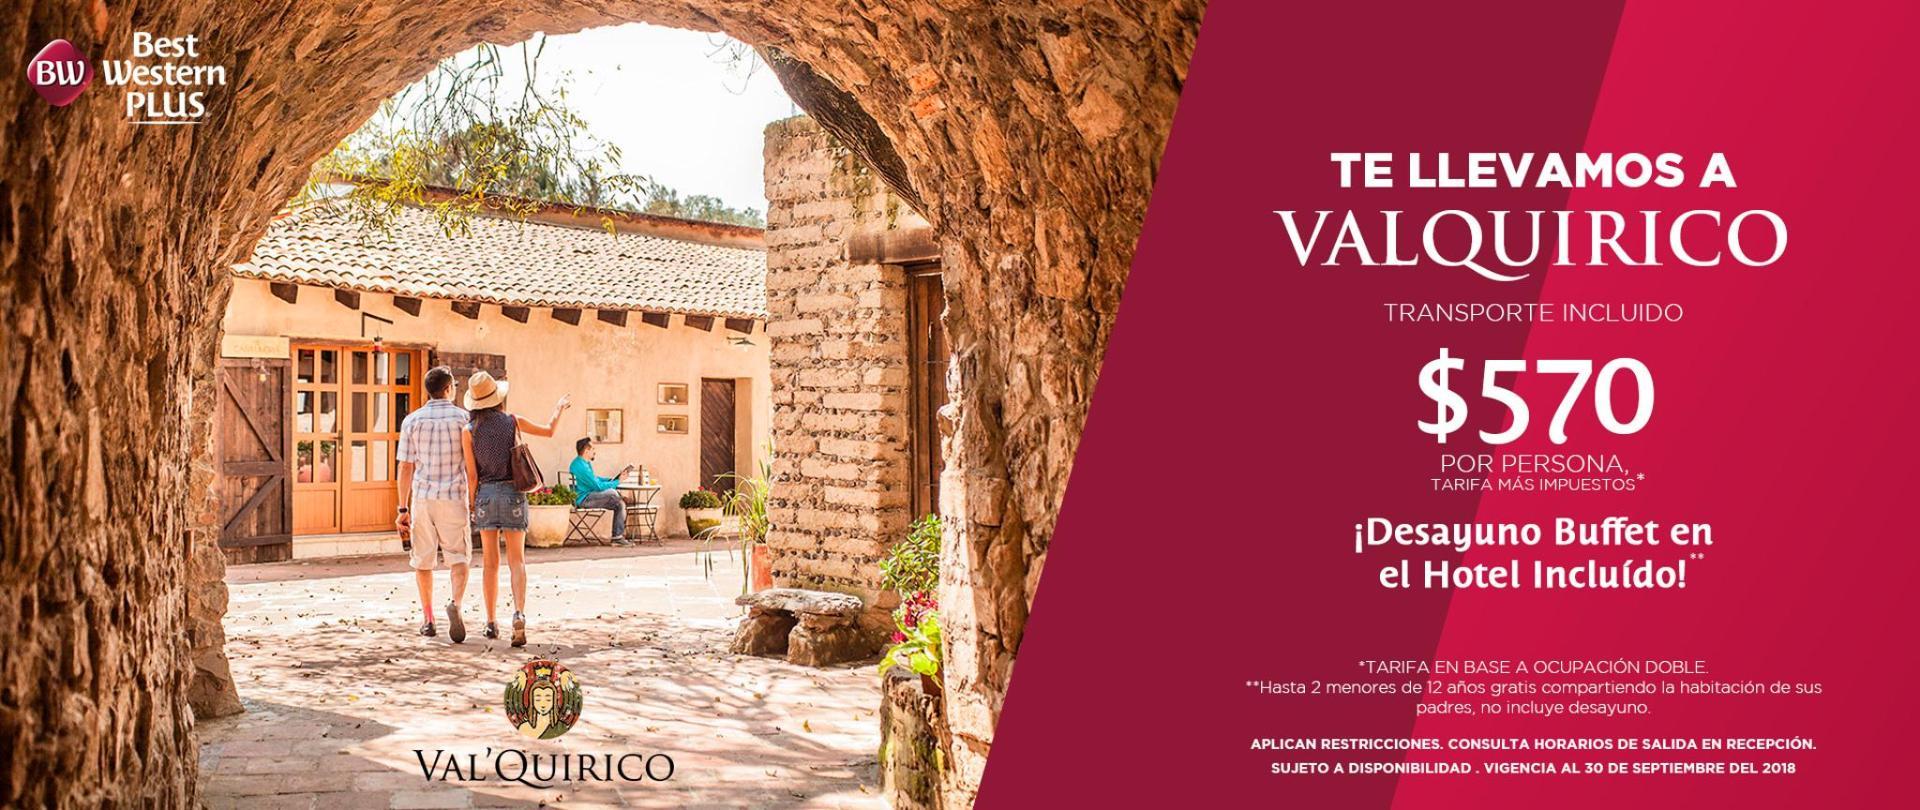 valquirico_puebla_hotel.png